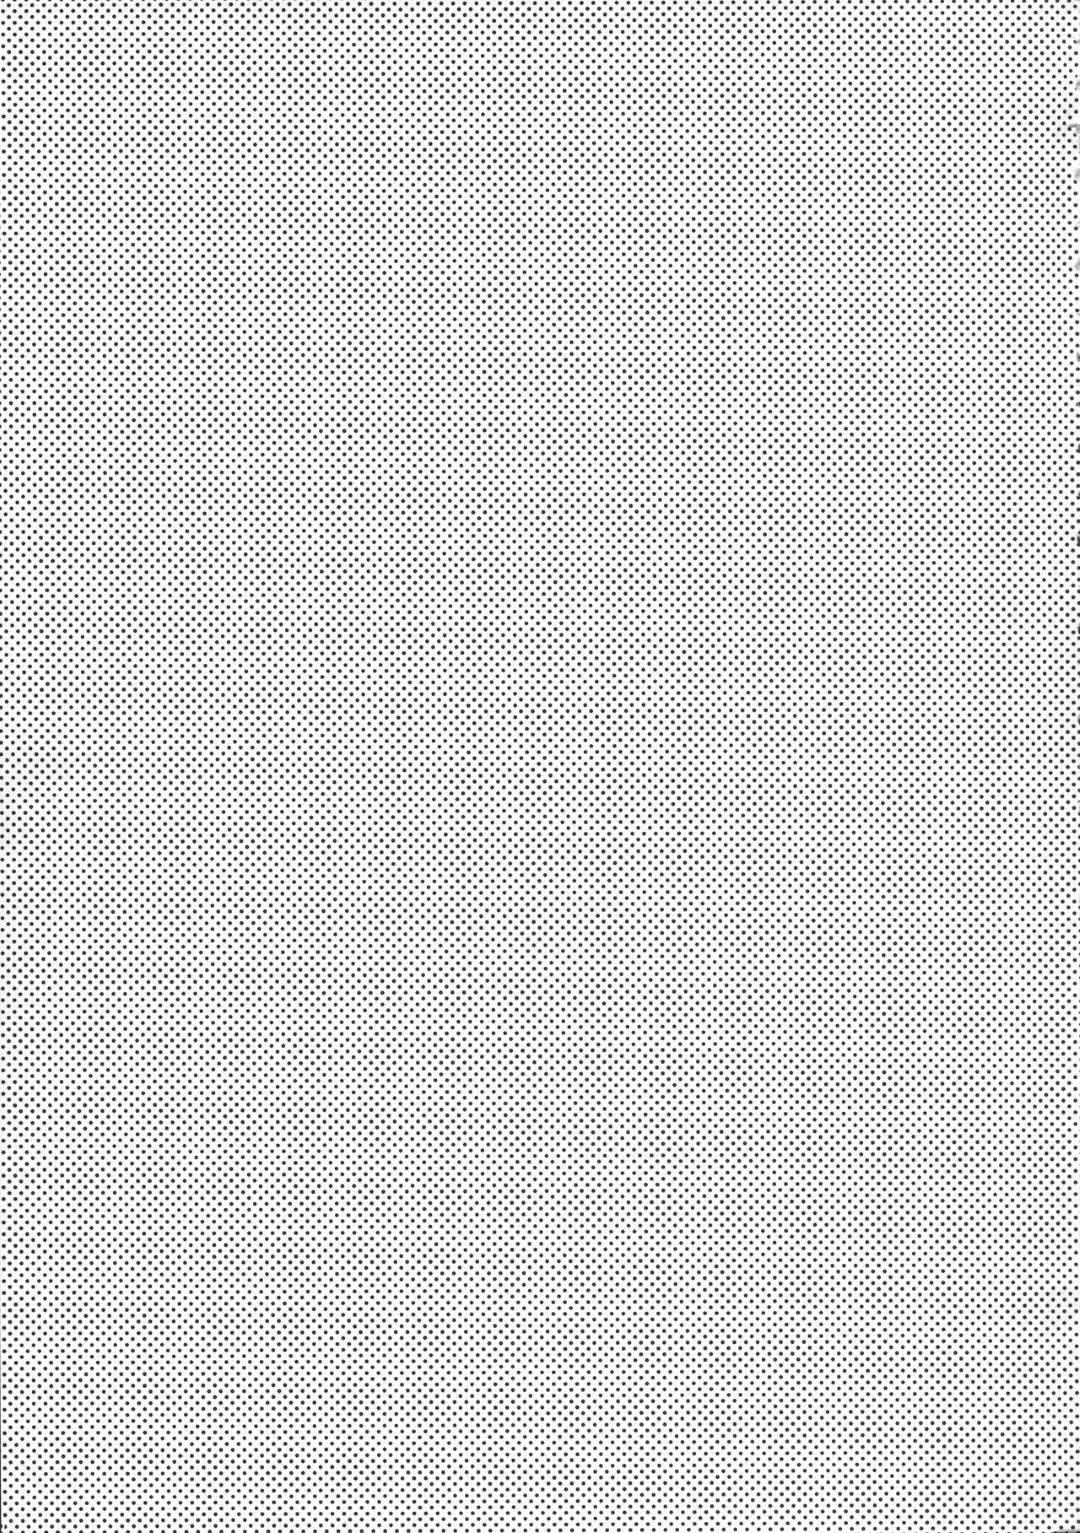 【グラブルエロ漫画】ショタ化したドランクとエッチな事をする事になったスツルム。おっぱいが好きな彼に好きなように触らせたり舐めさせたりした後、フェラや手コキでご奉仕。そしてそれでもビンビンに勃起する彼のチンポを受け入れてイチャラブセックスへ発展。【蜂蜜ロマンス】